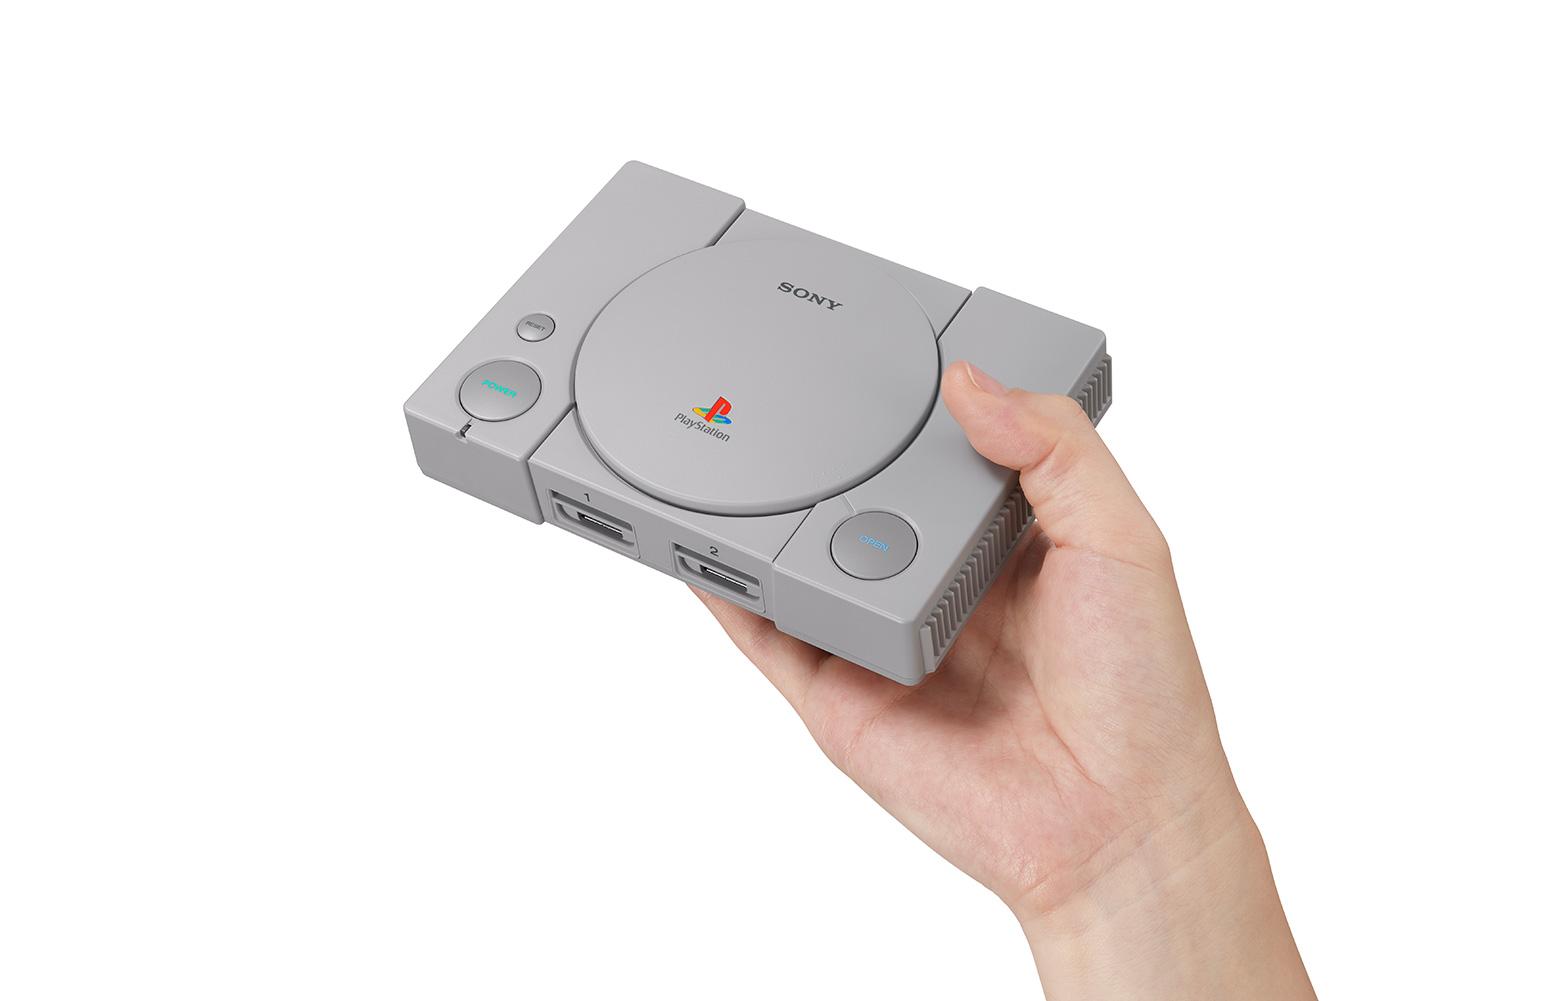 """Kommt mit 20 vorinstallierten Spiele-Oldies: die für Dezember angekündigte """"PlayStation Classic"""". Unter den Games finden sich wegweisende Retro-Titel wie..."""